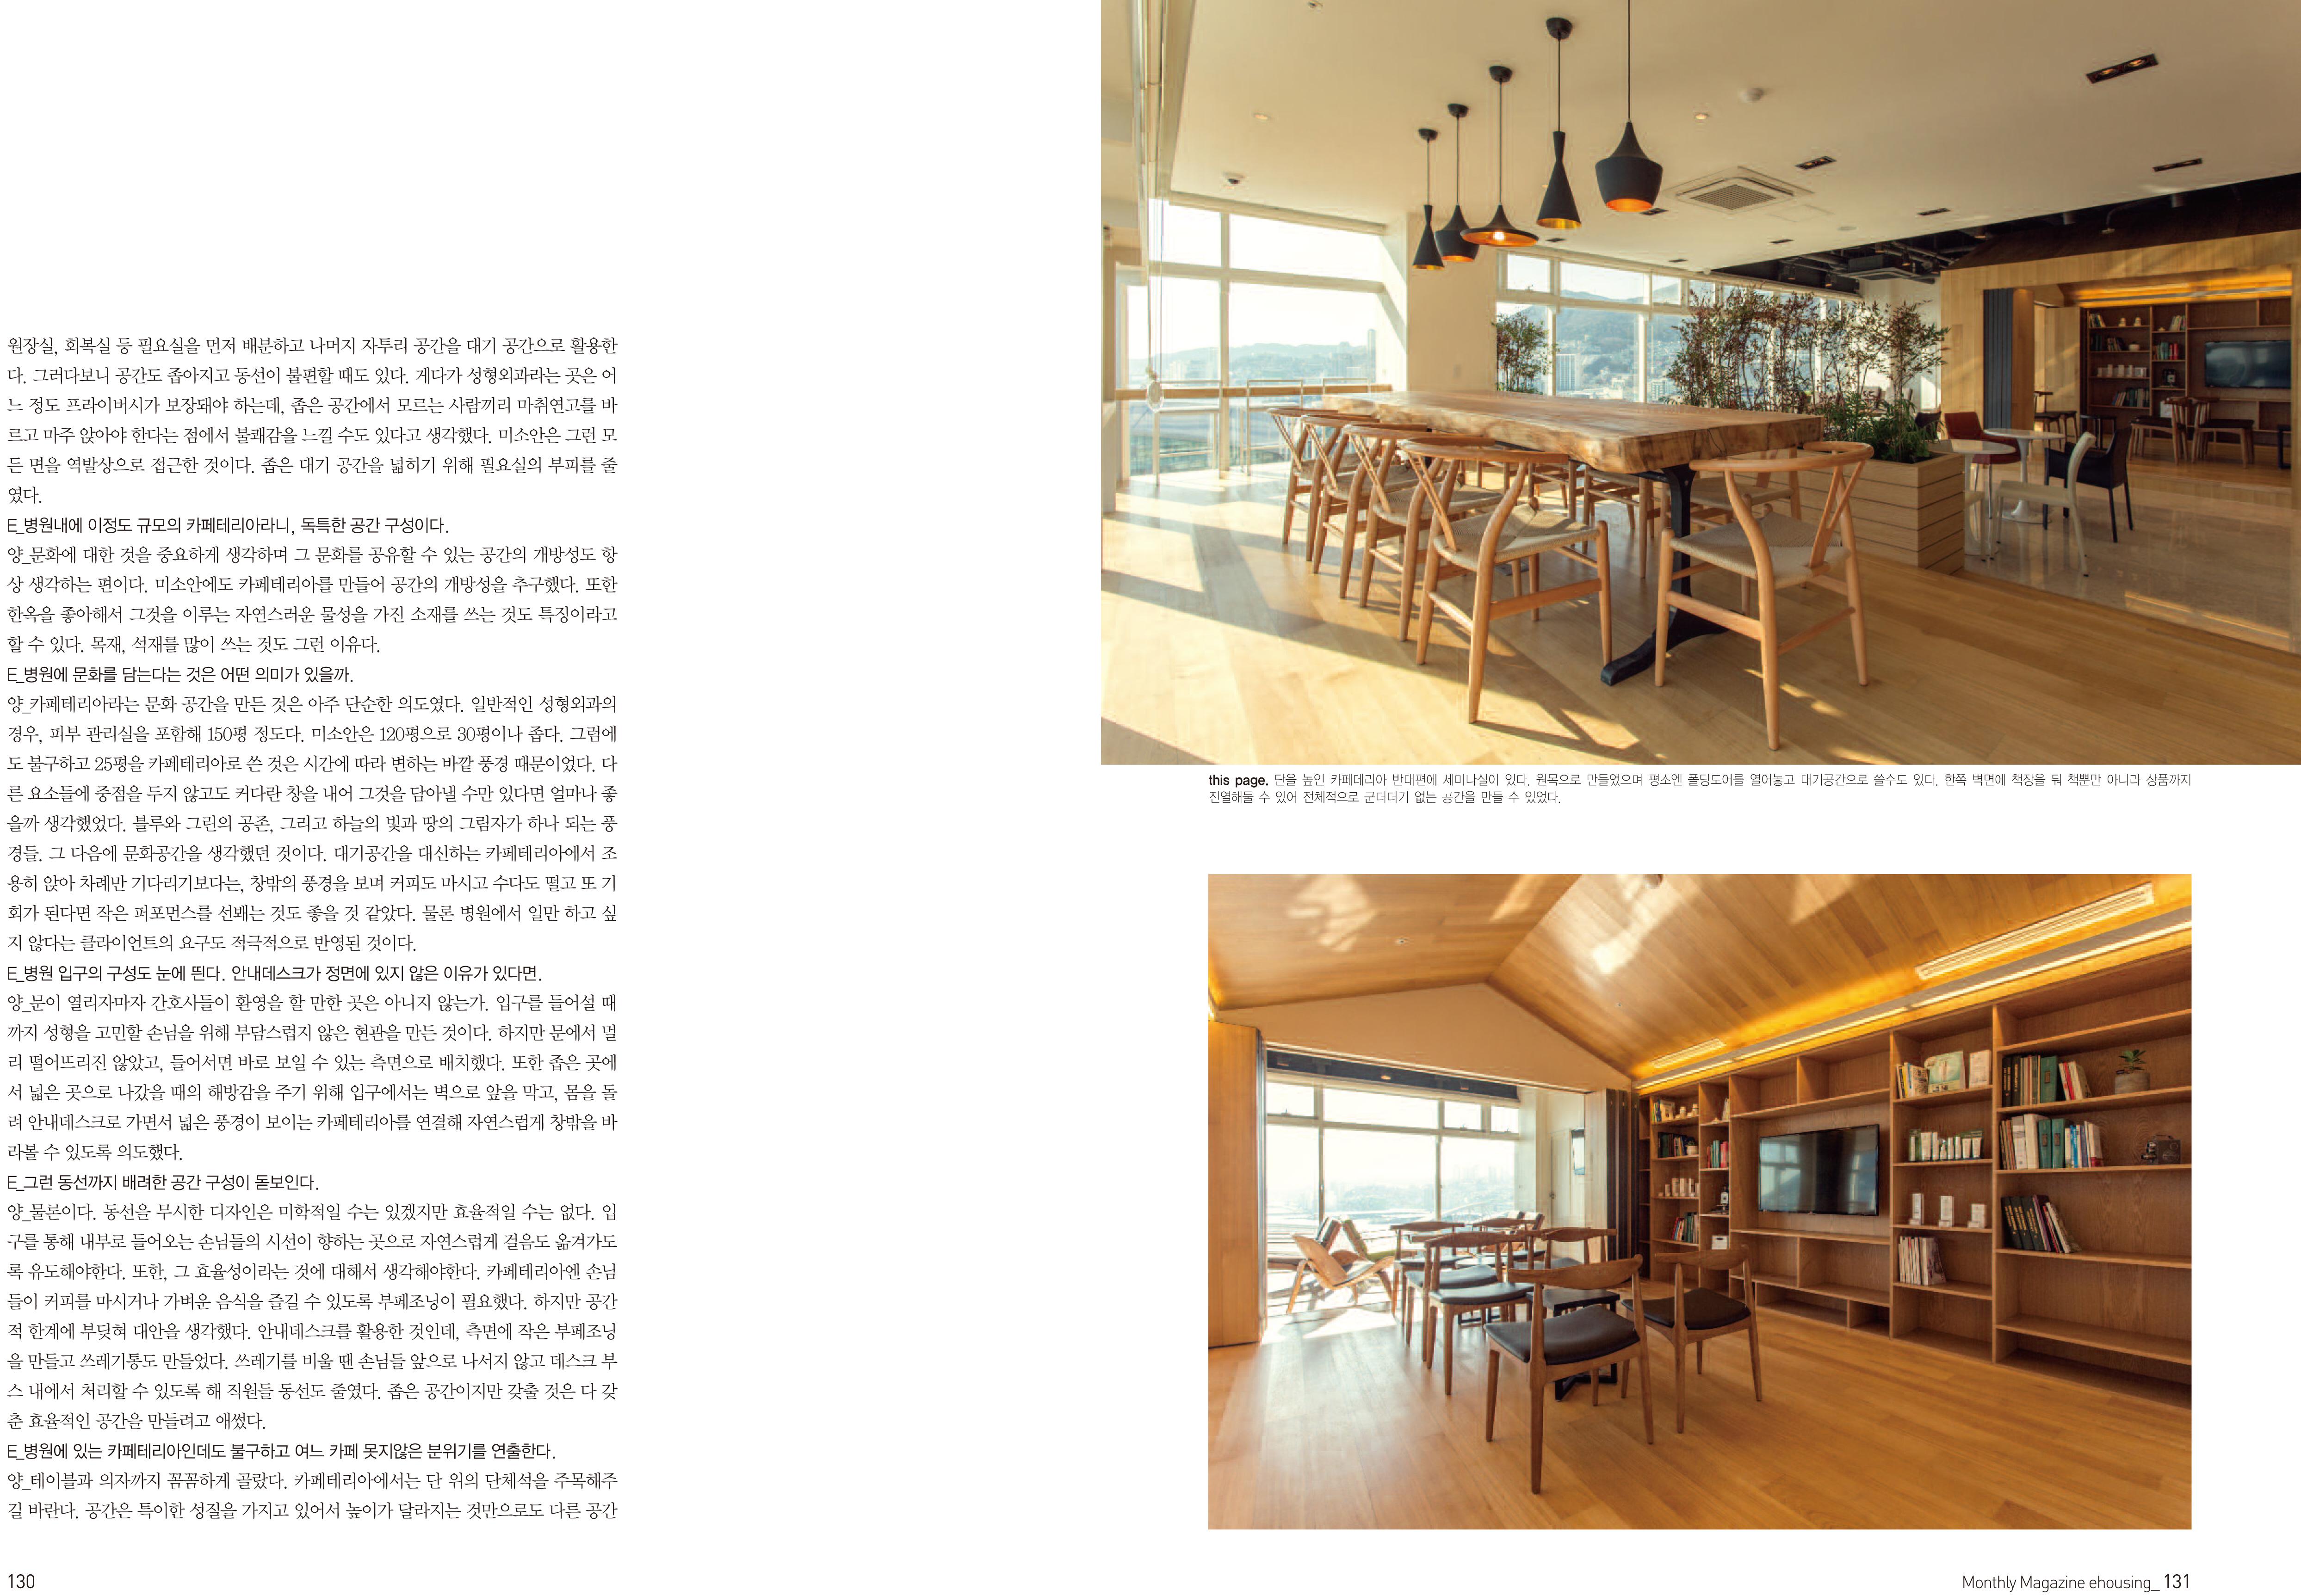 126-133 스페이스 인터뷰_미소안-3.jpg